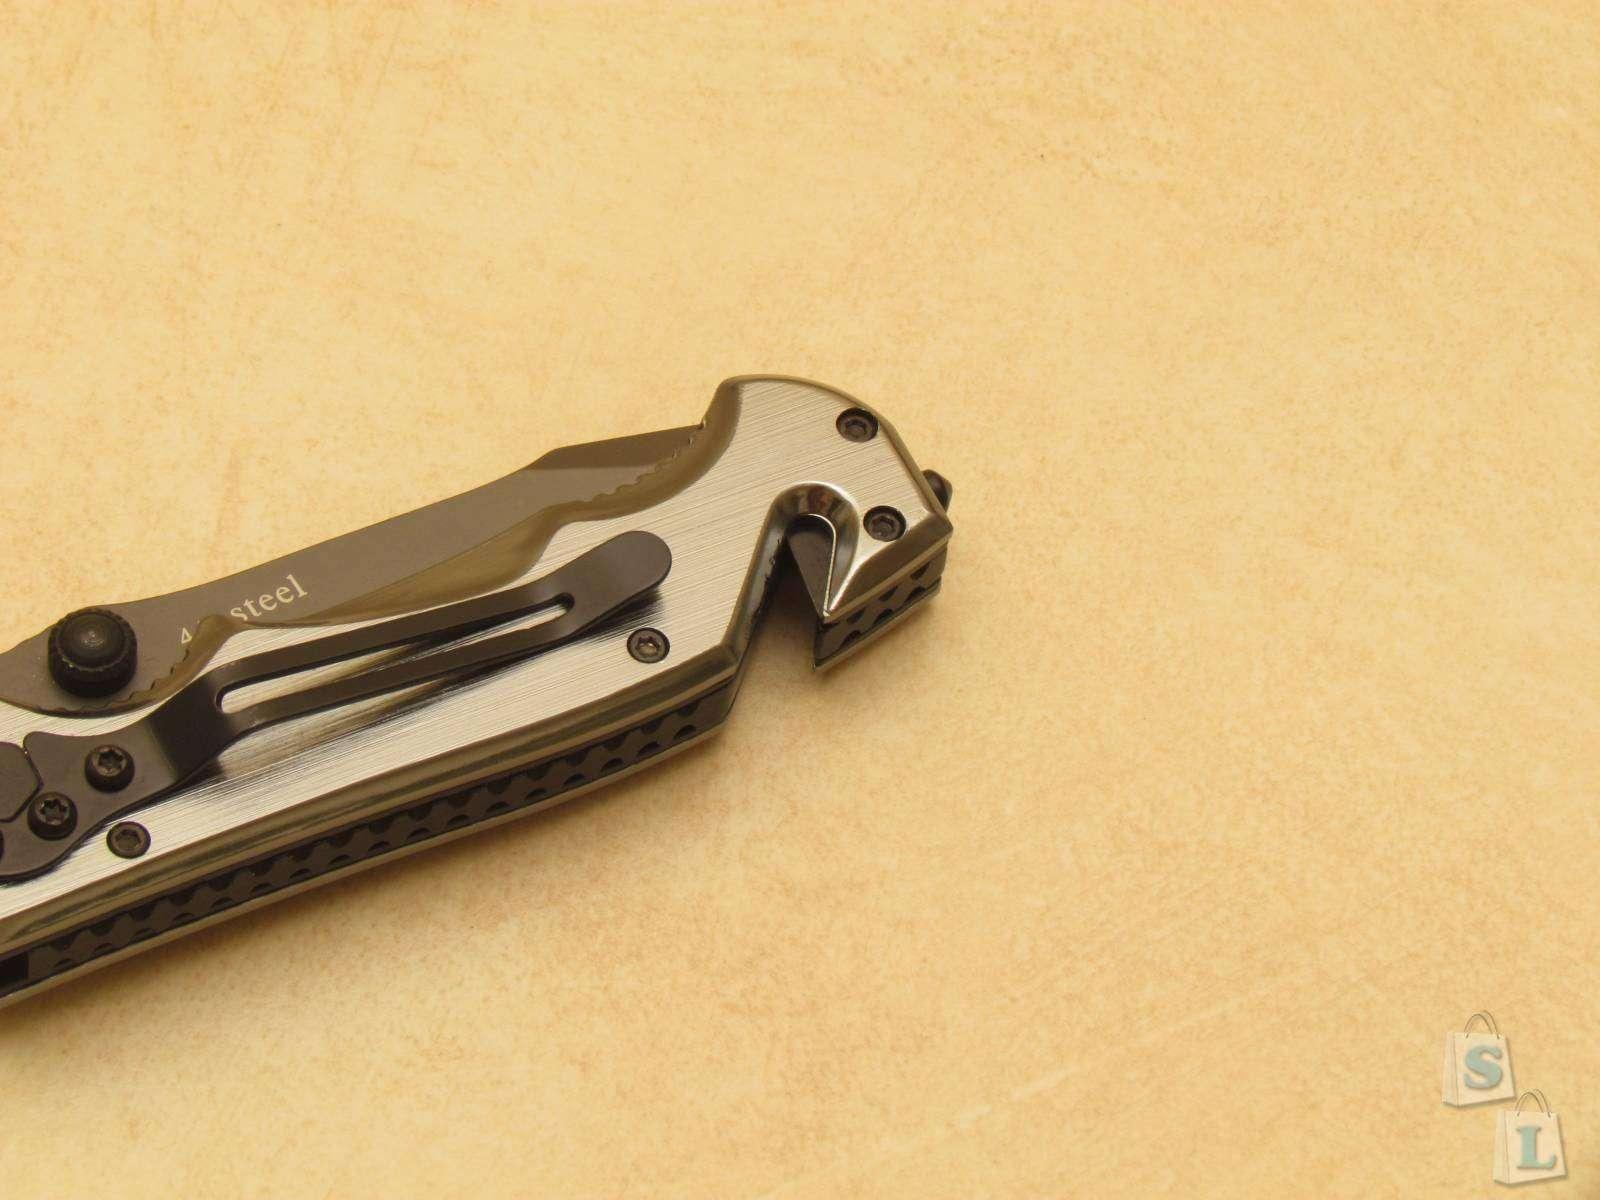 GearBest: SOG - небольшой складной нож - танто для ежедневного ношения